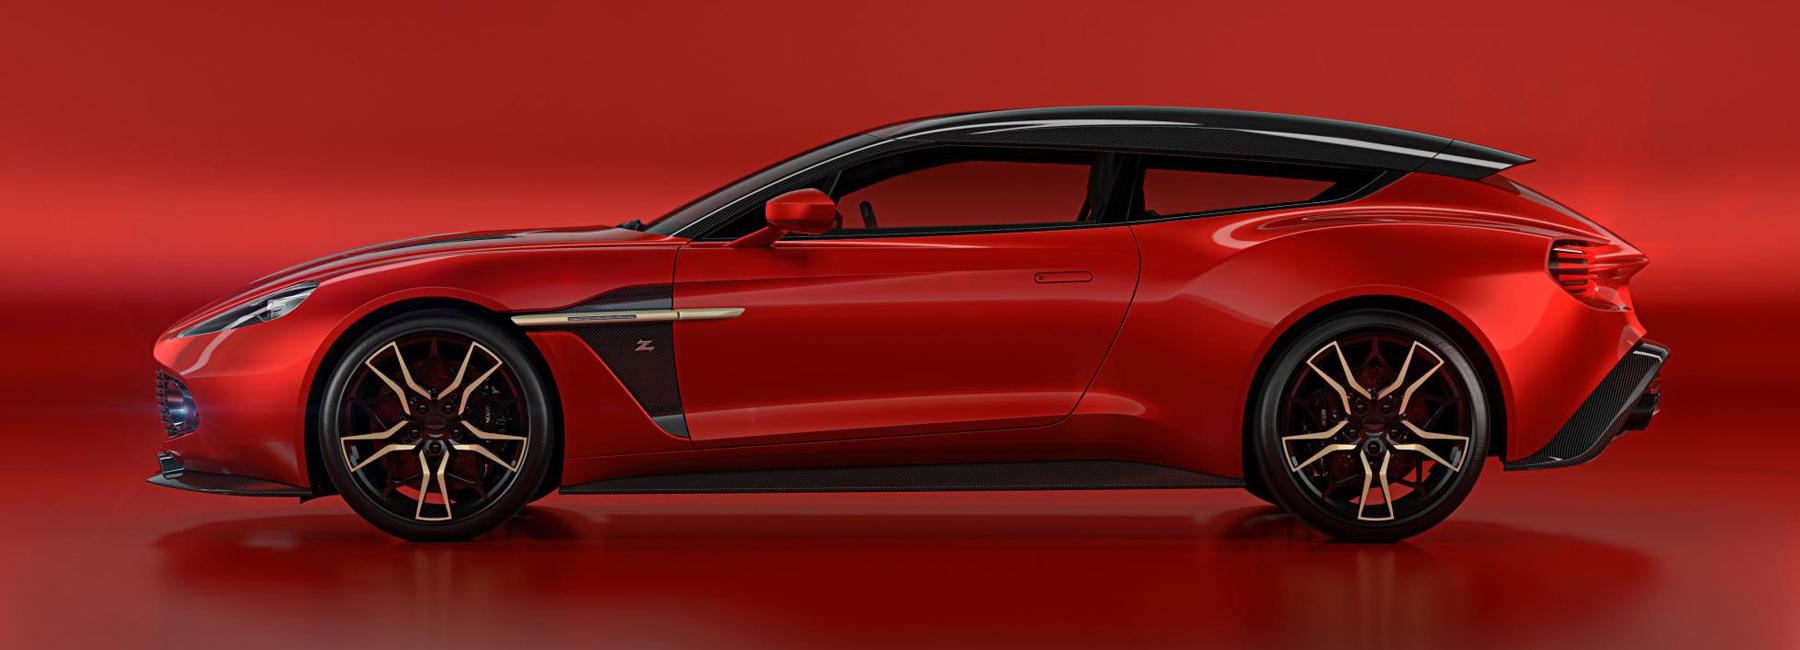 Aston Martin Vanquish Zagato Shooting Break 2